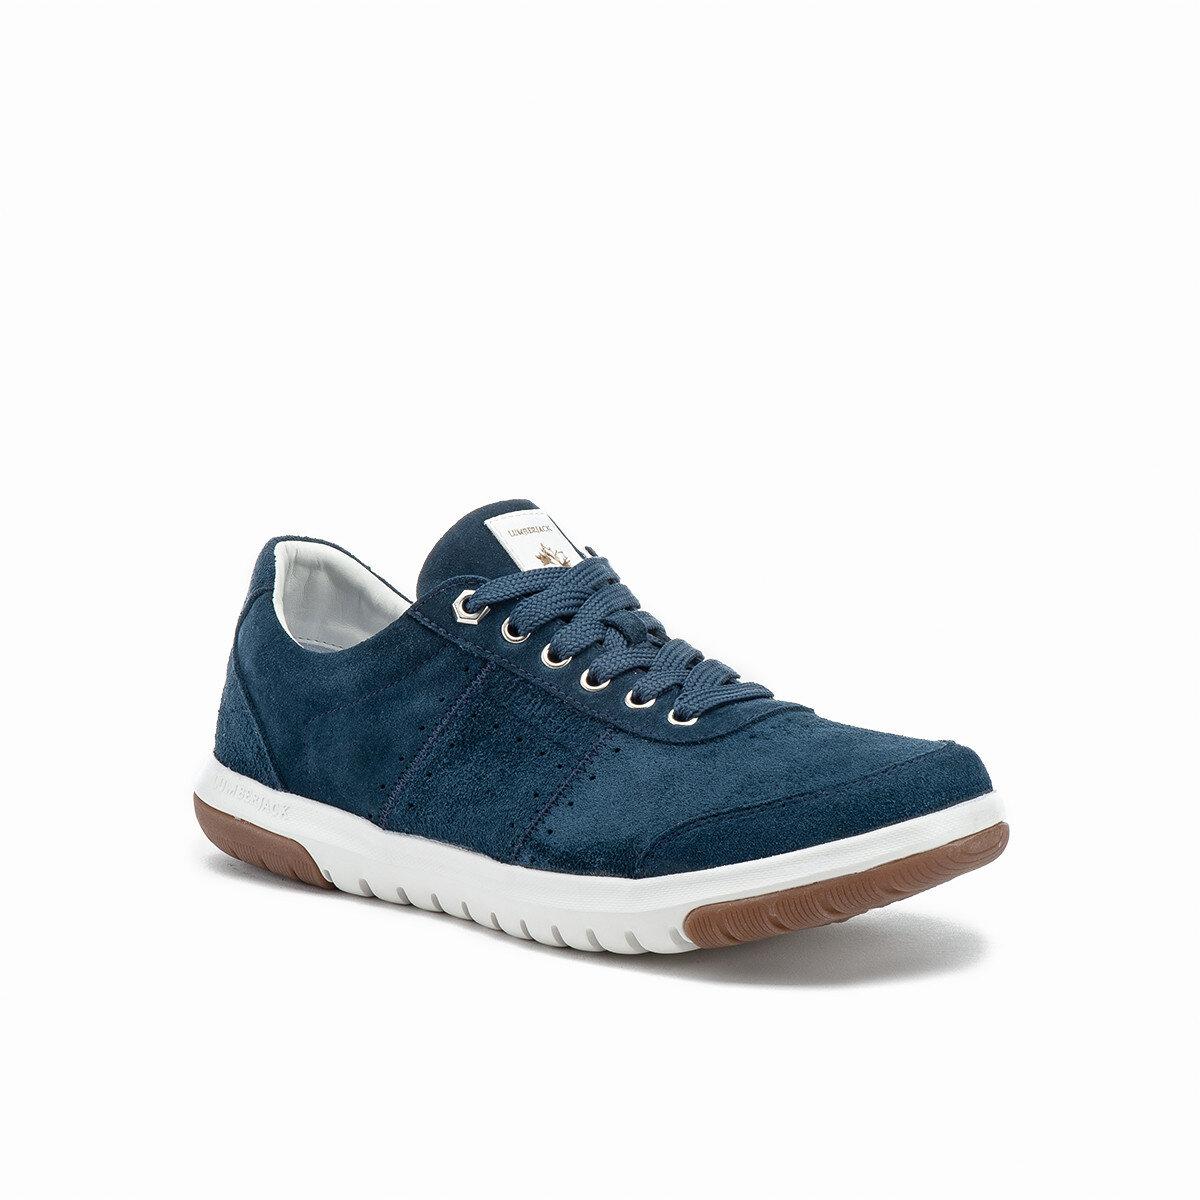 OTIS Sneakers Uomo